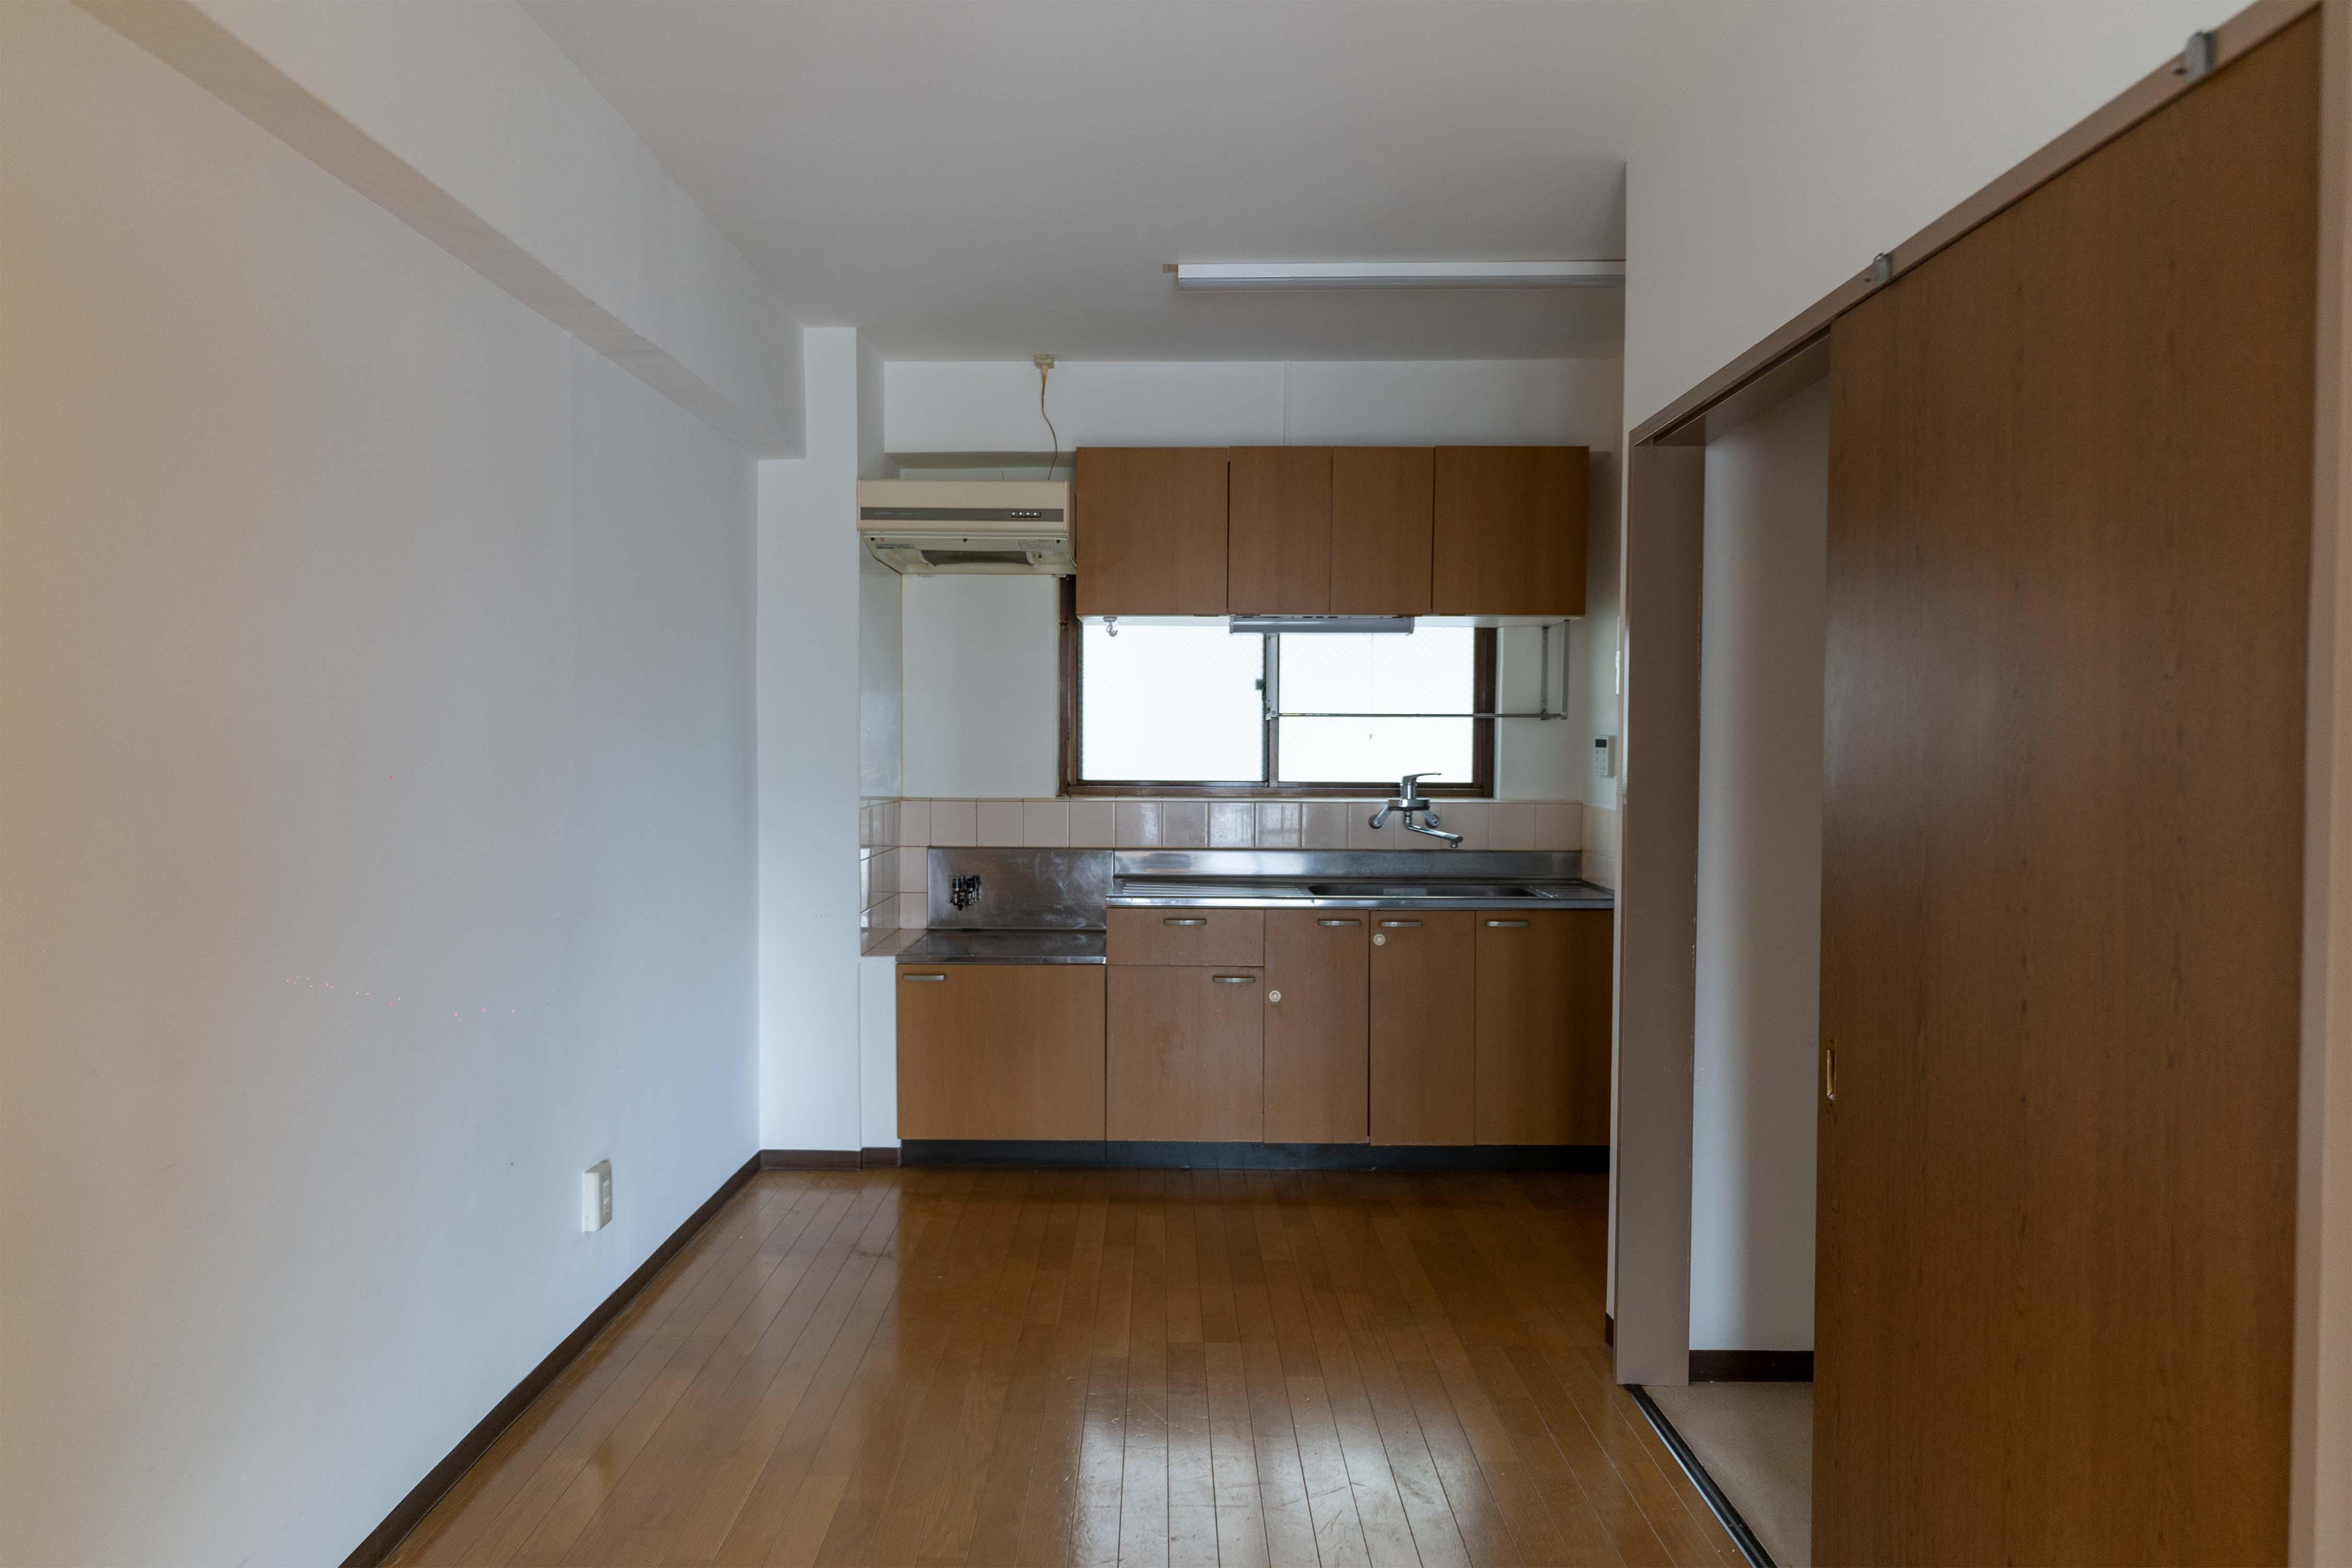 ダイニングキッチン。左の壁側に冷蔵庫や食器棚を置き、キッチン向かいにカウンターを置くのが良さそう